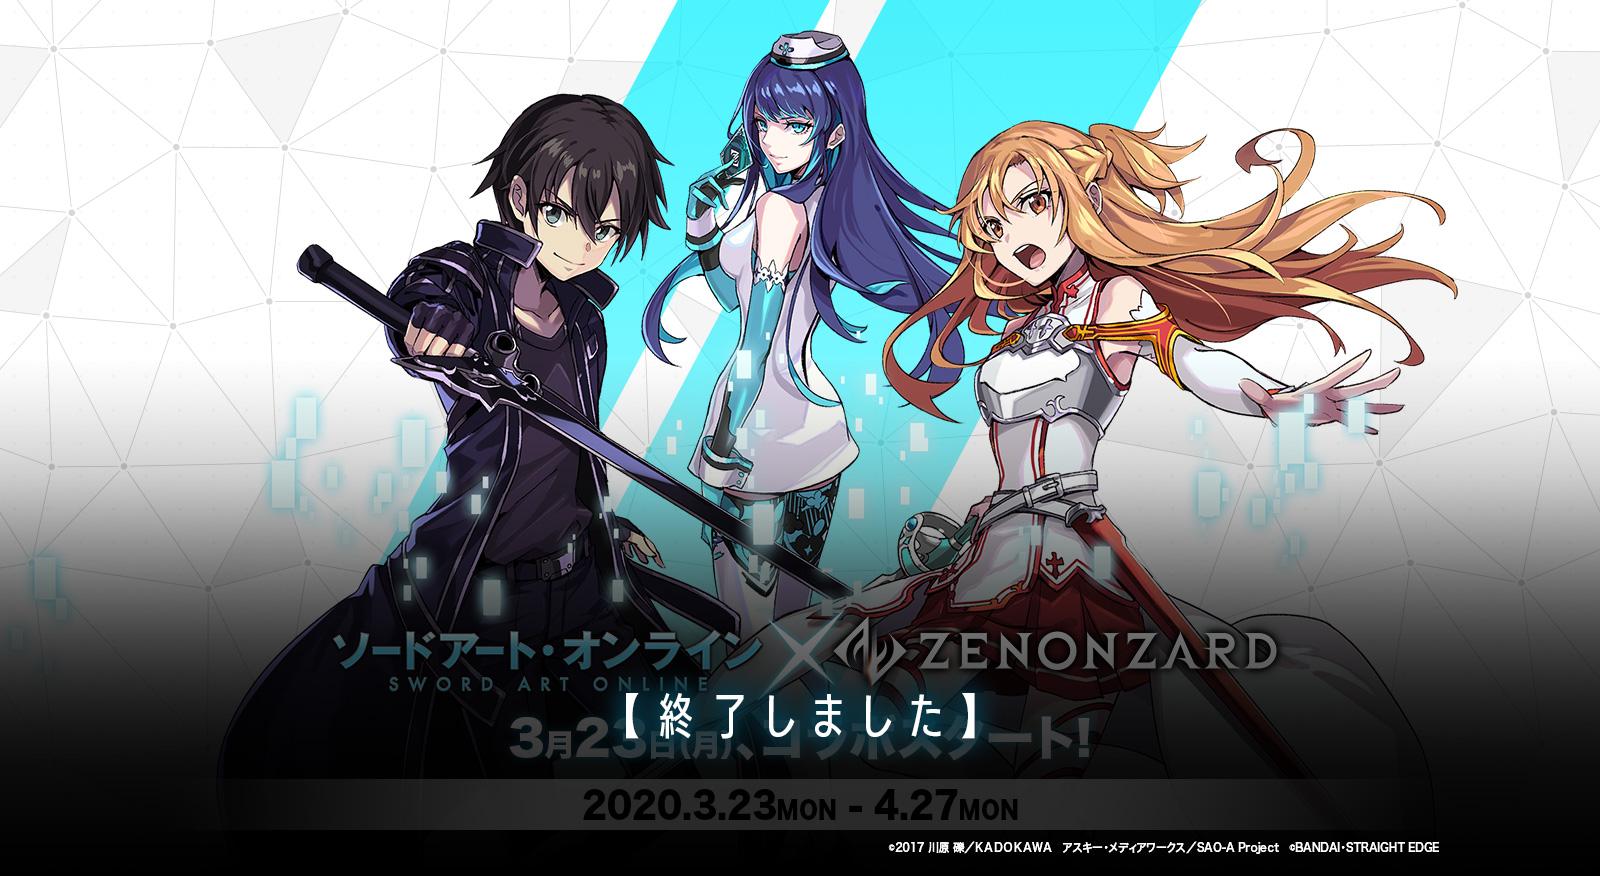 ソードアート オンライン X Zenonzard ゼノンザード Zenonzard 公式サイト